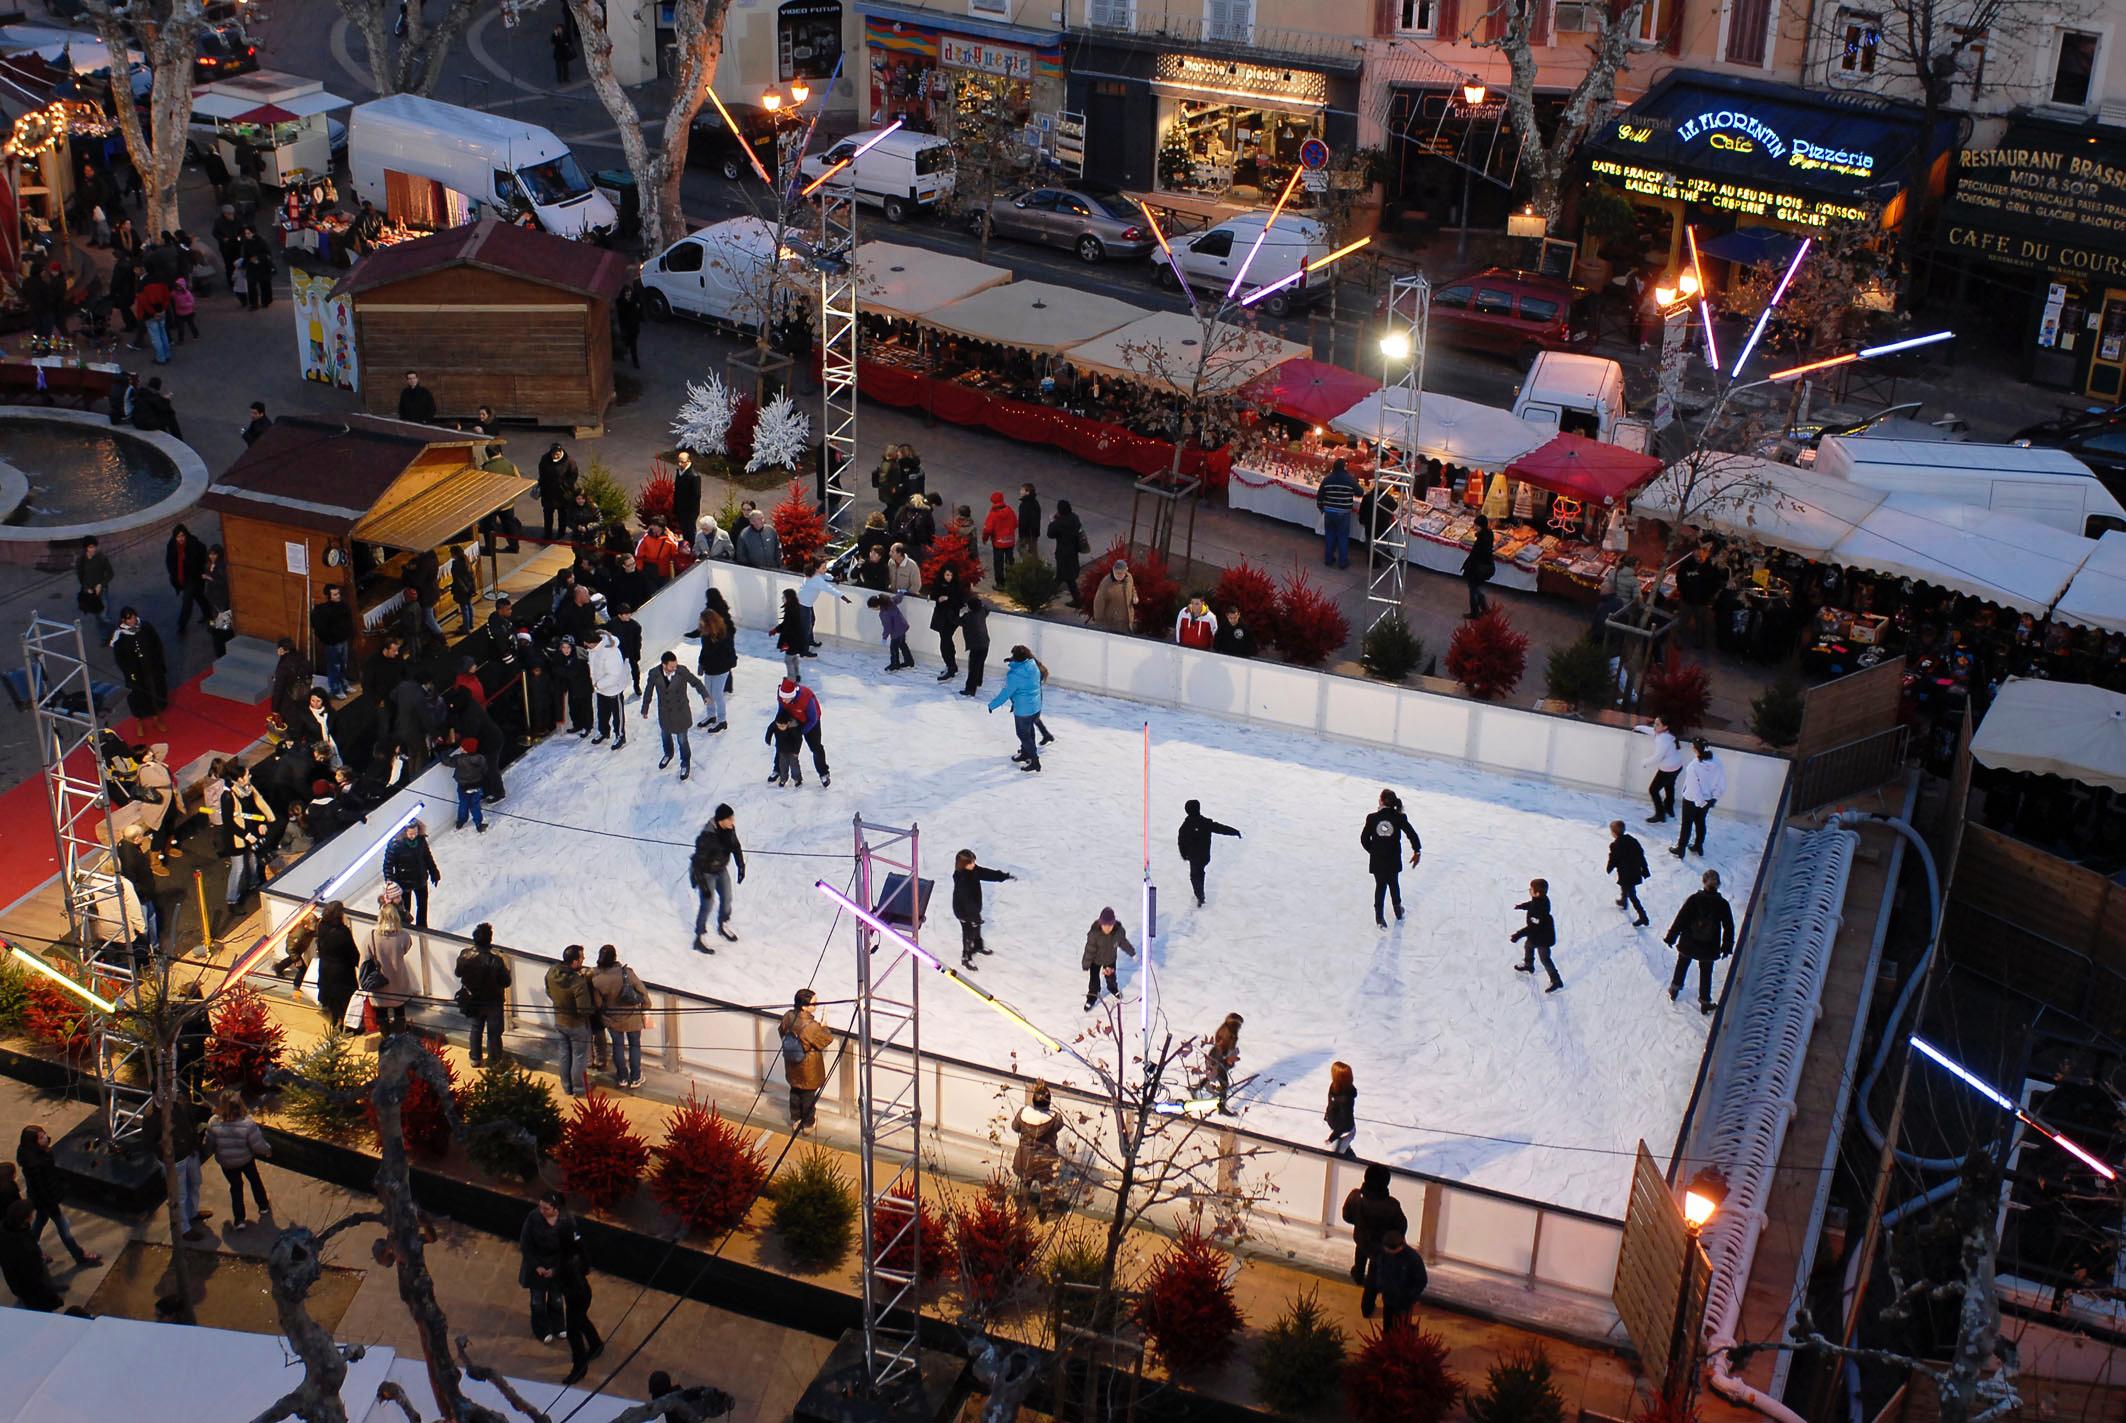 patinoire installée sur le Cours Foch durant les fêtes de Noël